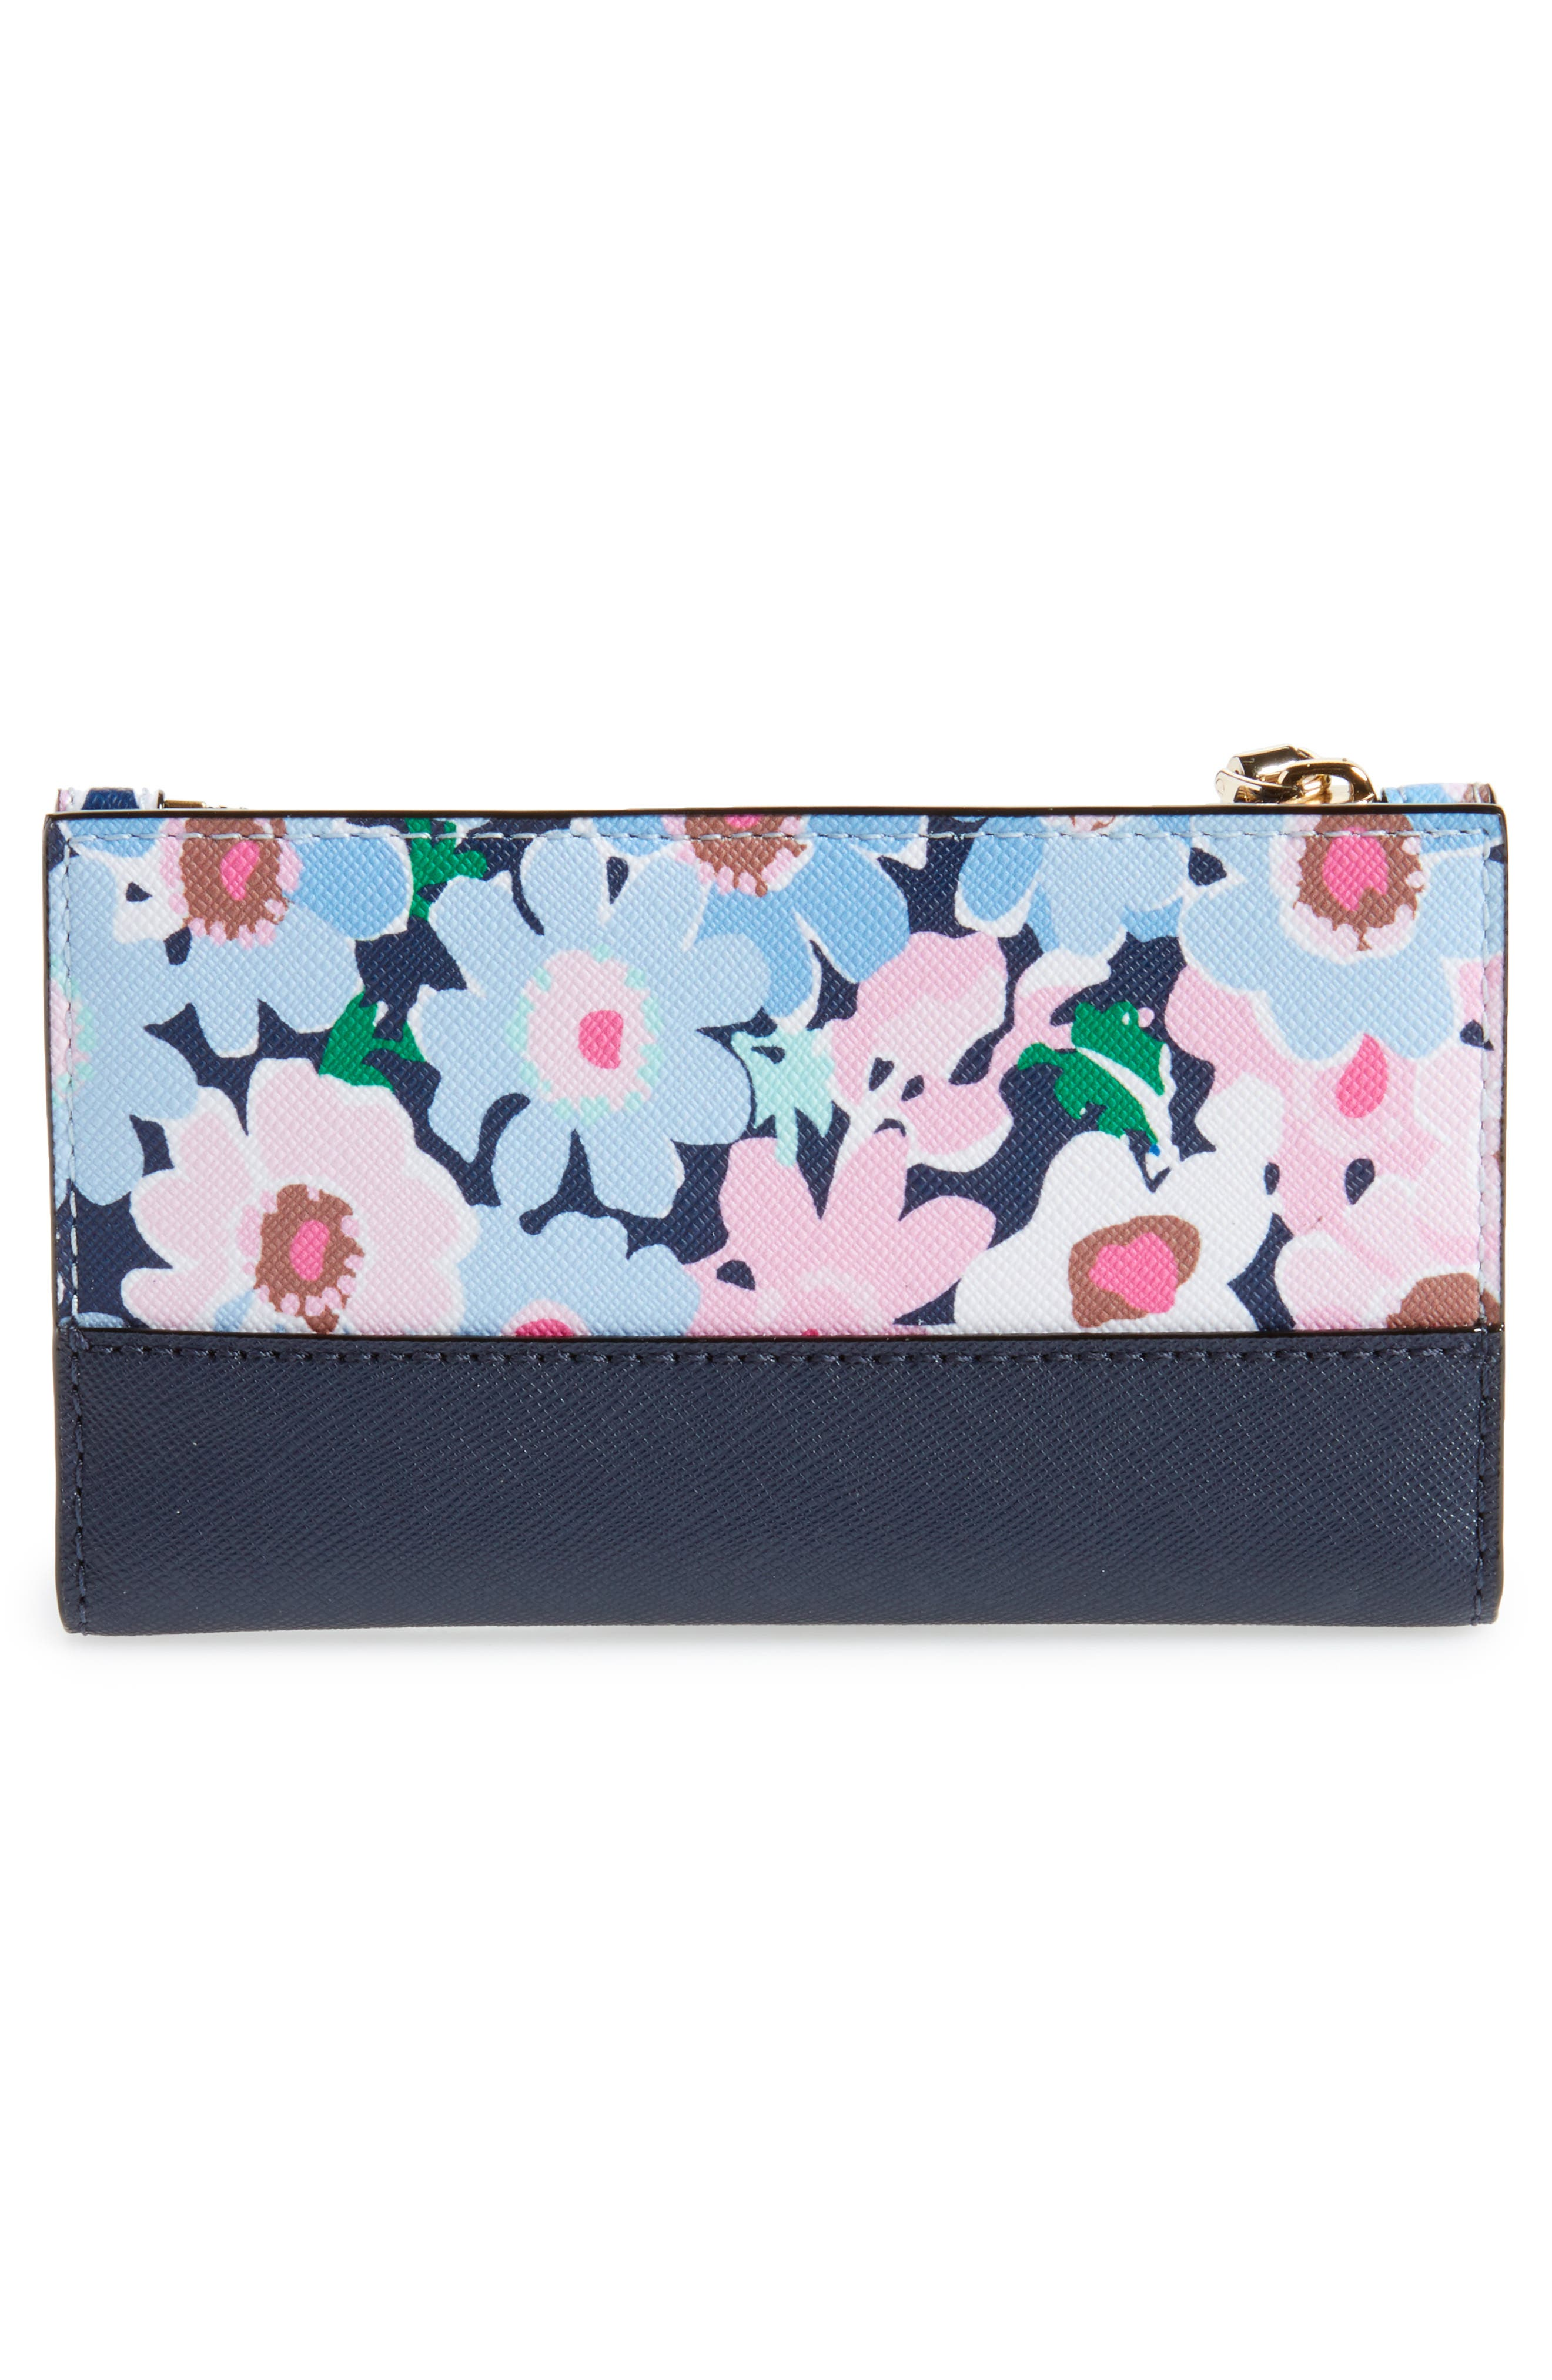 cameron street - daisy garden wallet,                             Alternate thumbnail 4, color,                             400